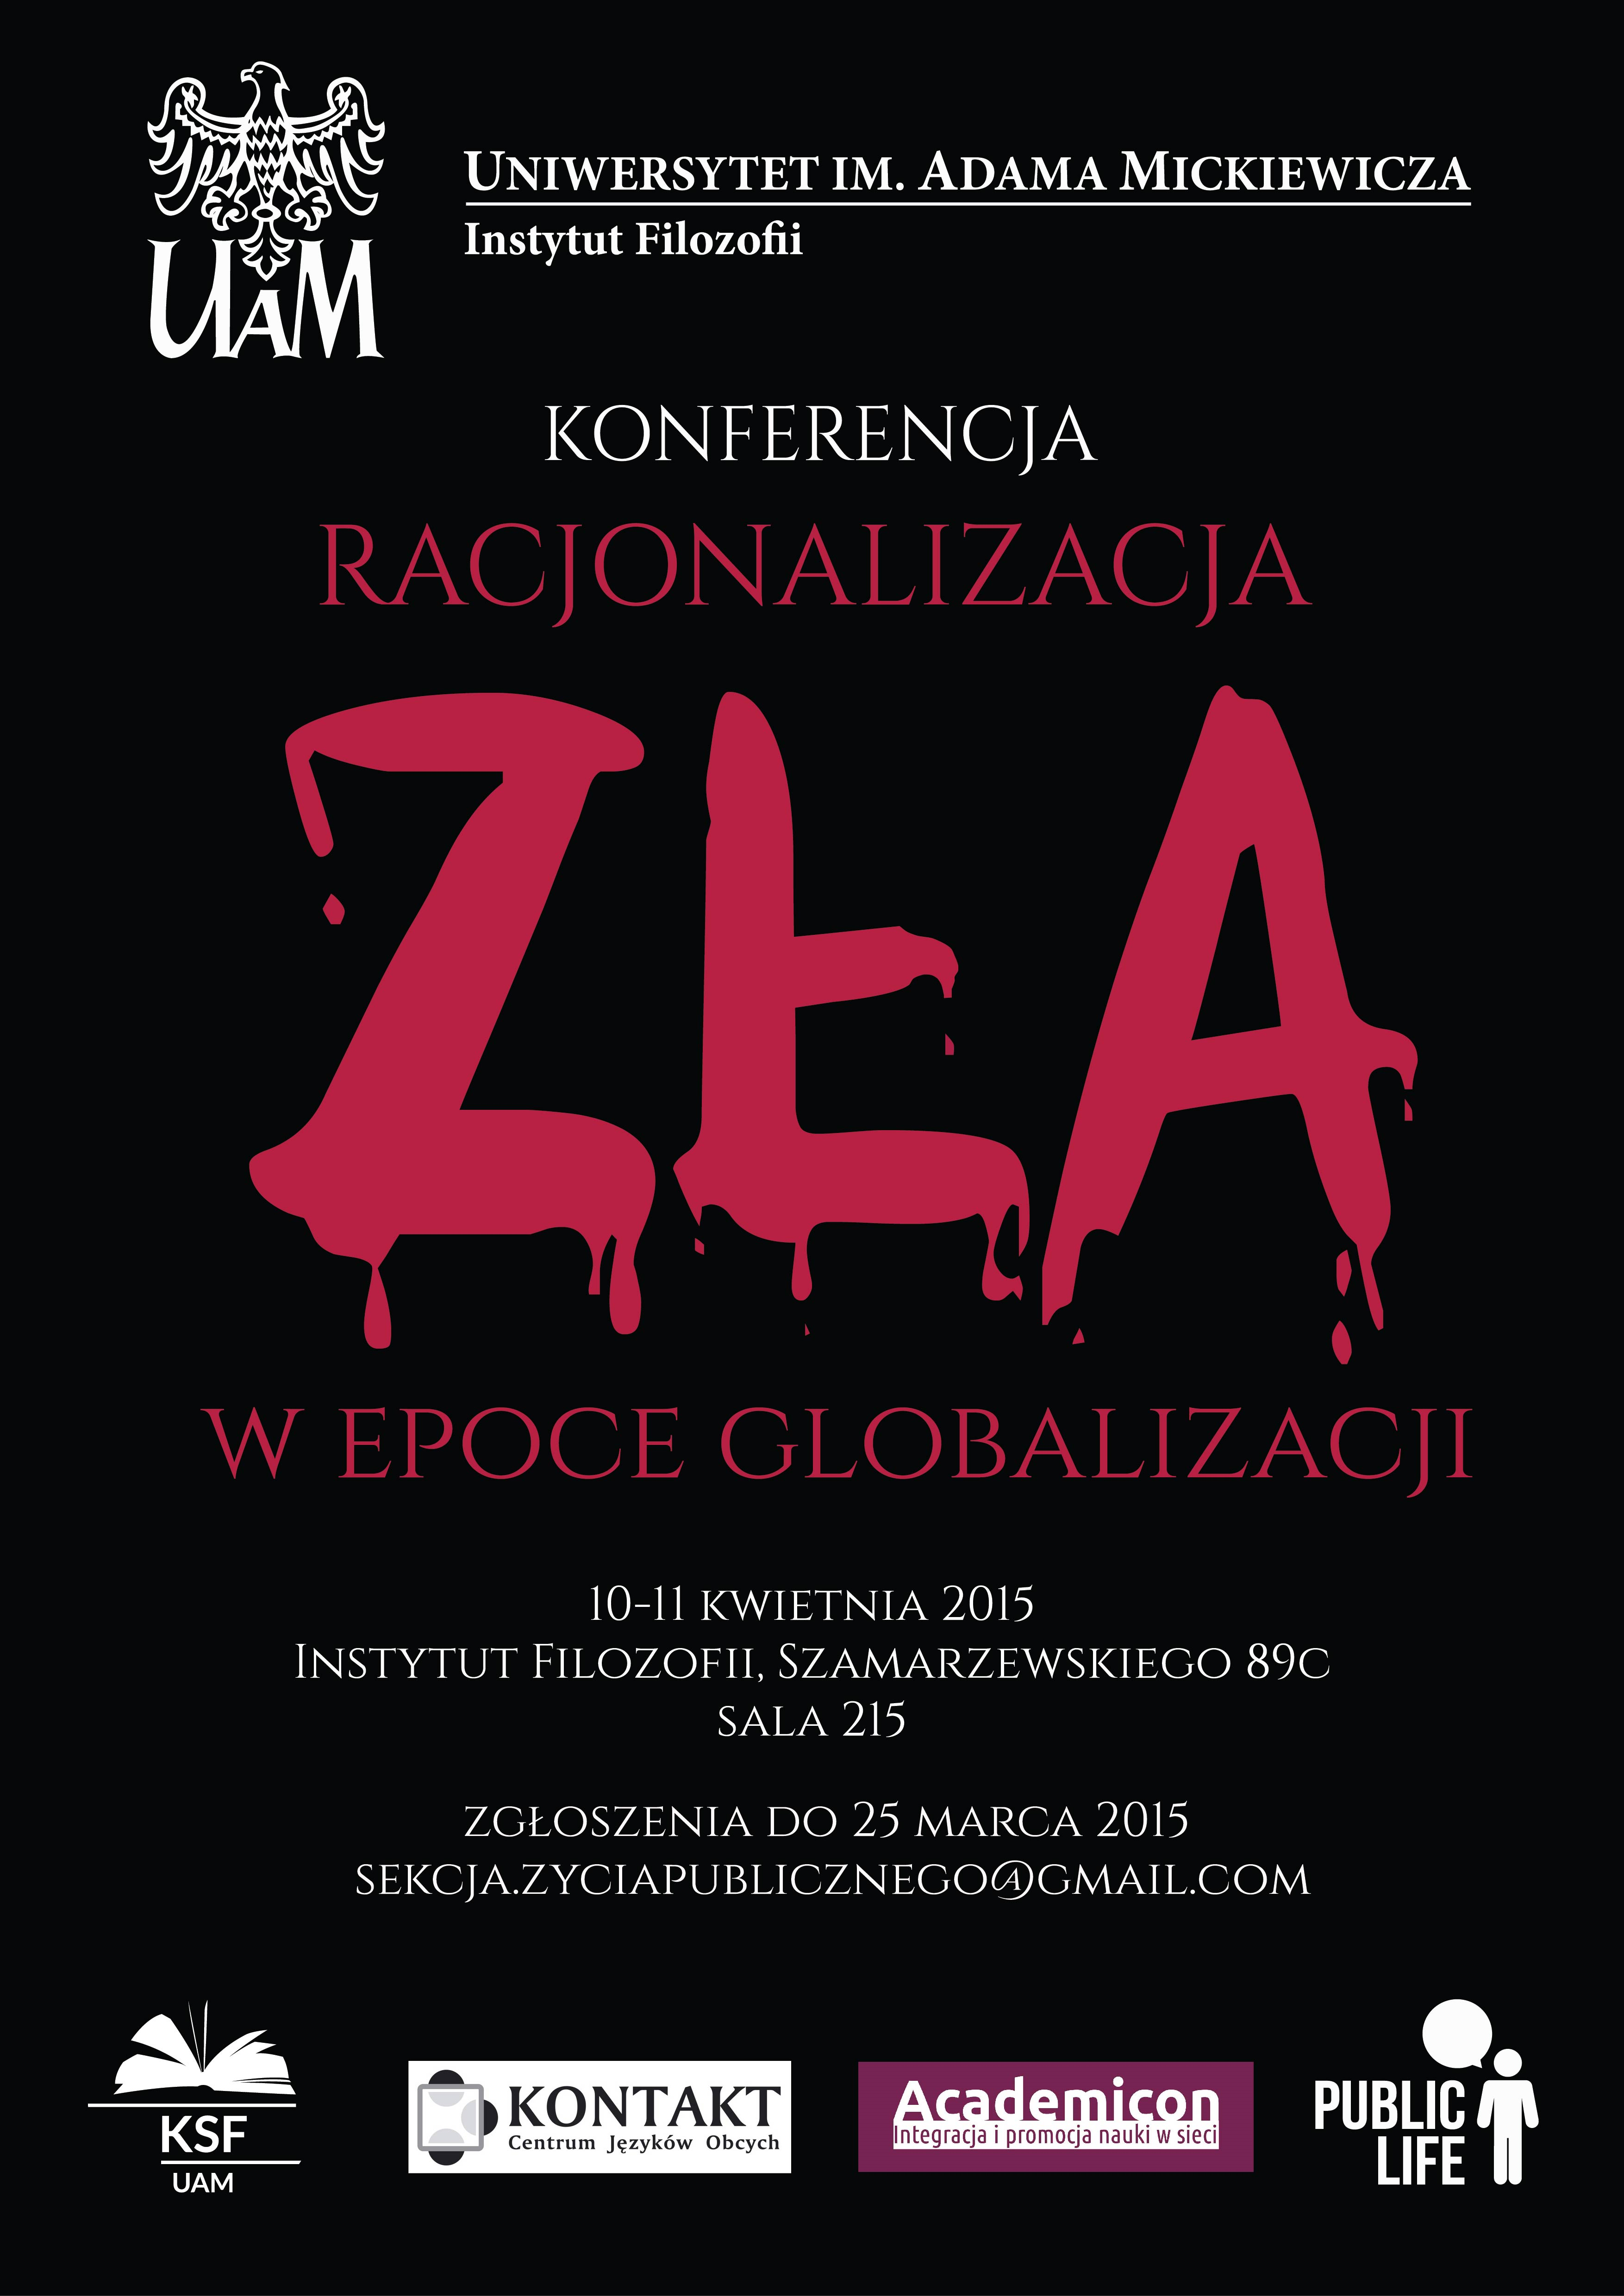 Konferencja: Racjonalizacja zła w epoce globalizacji